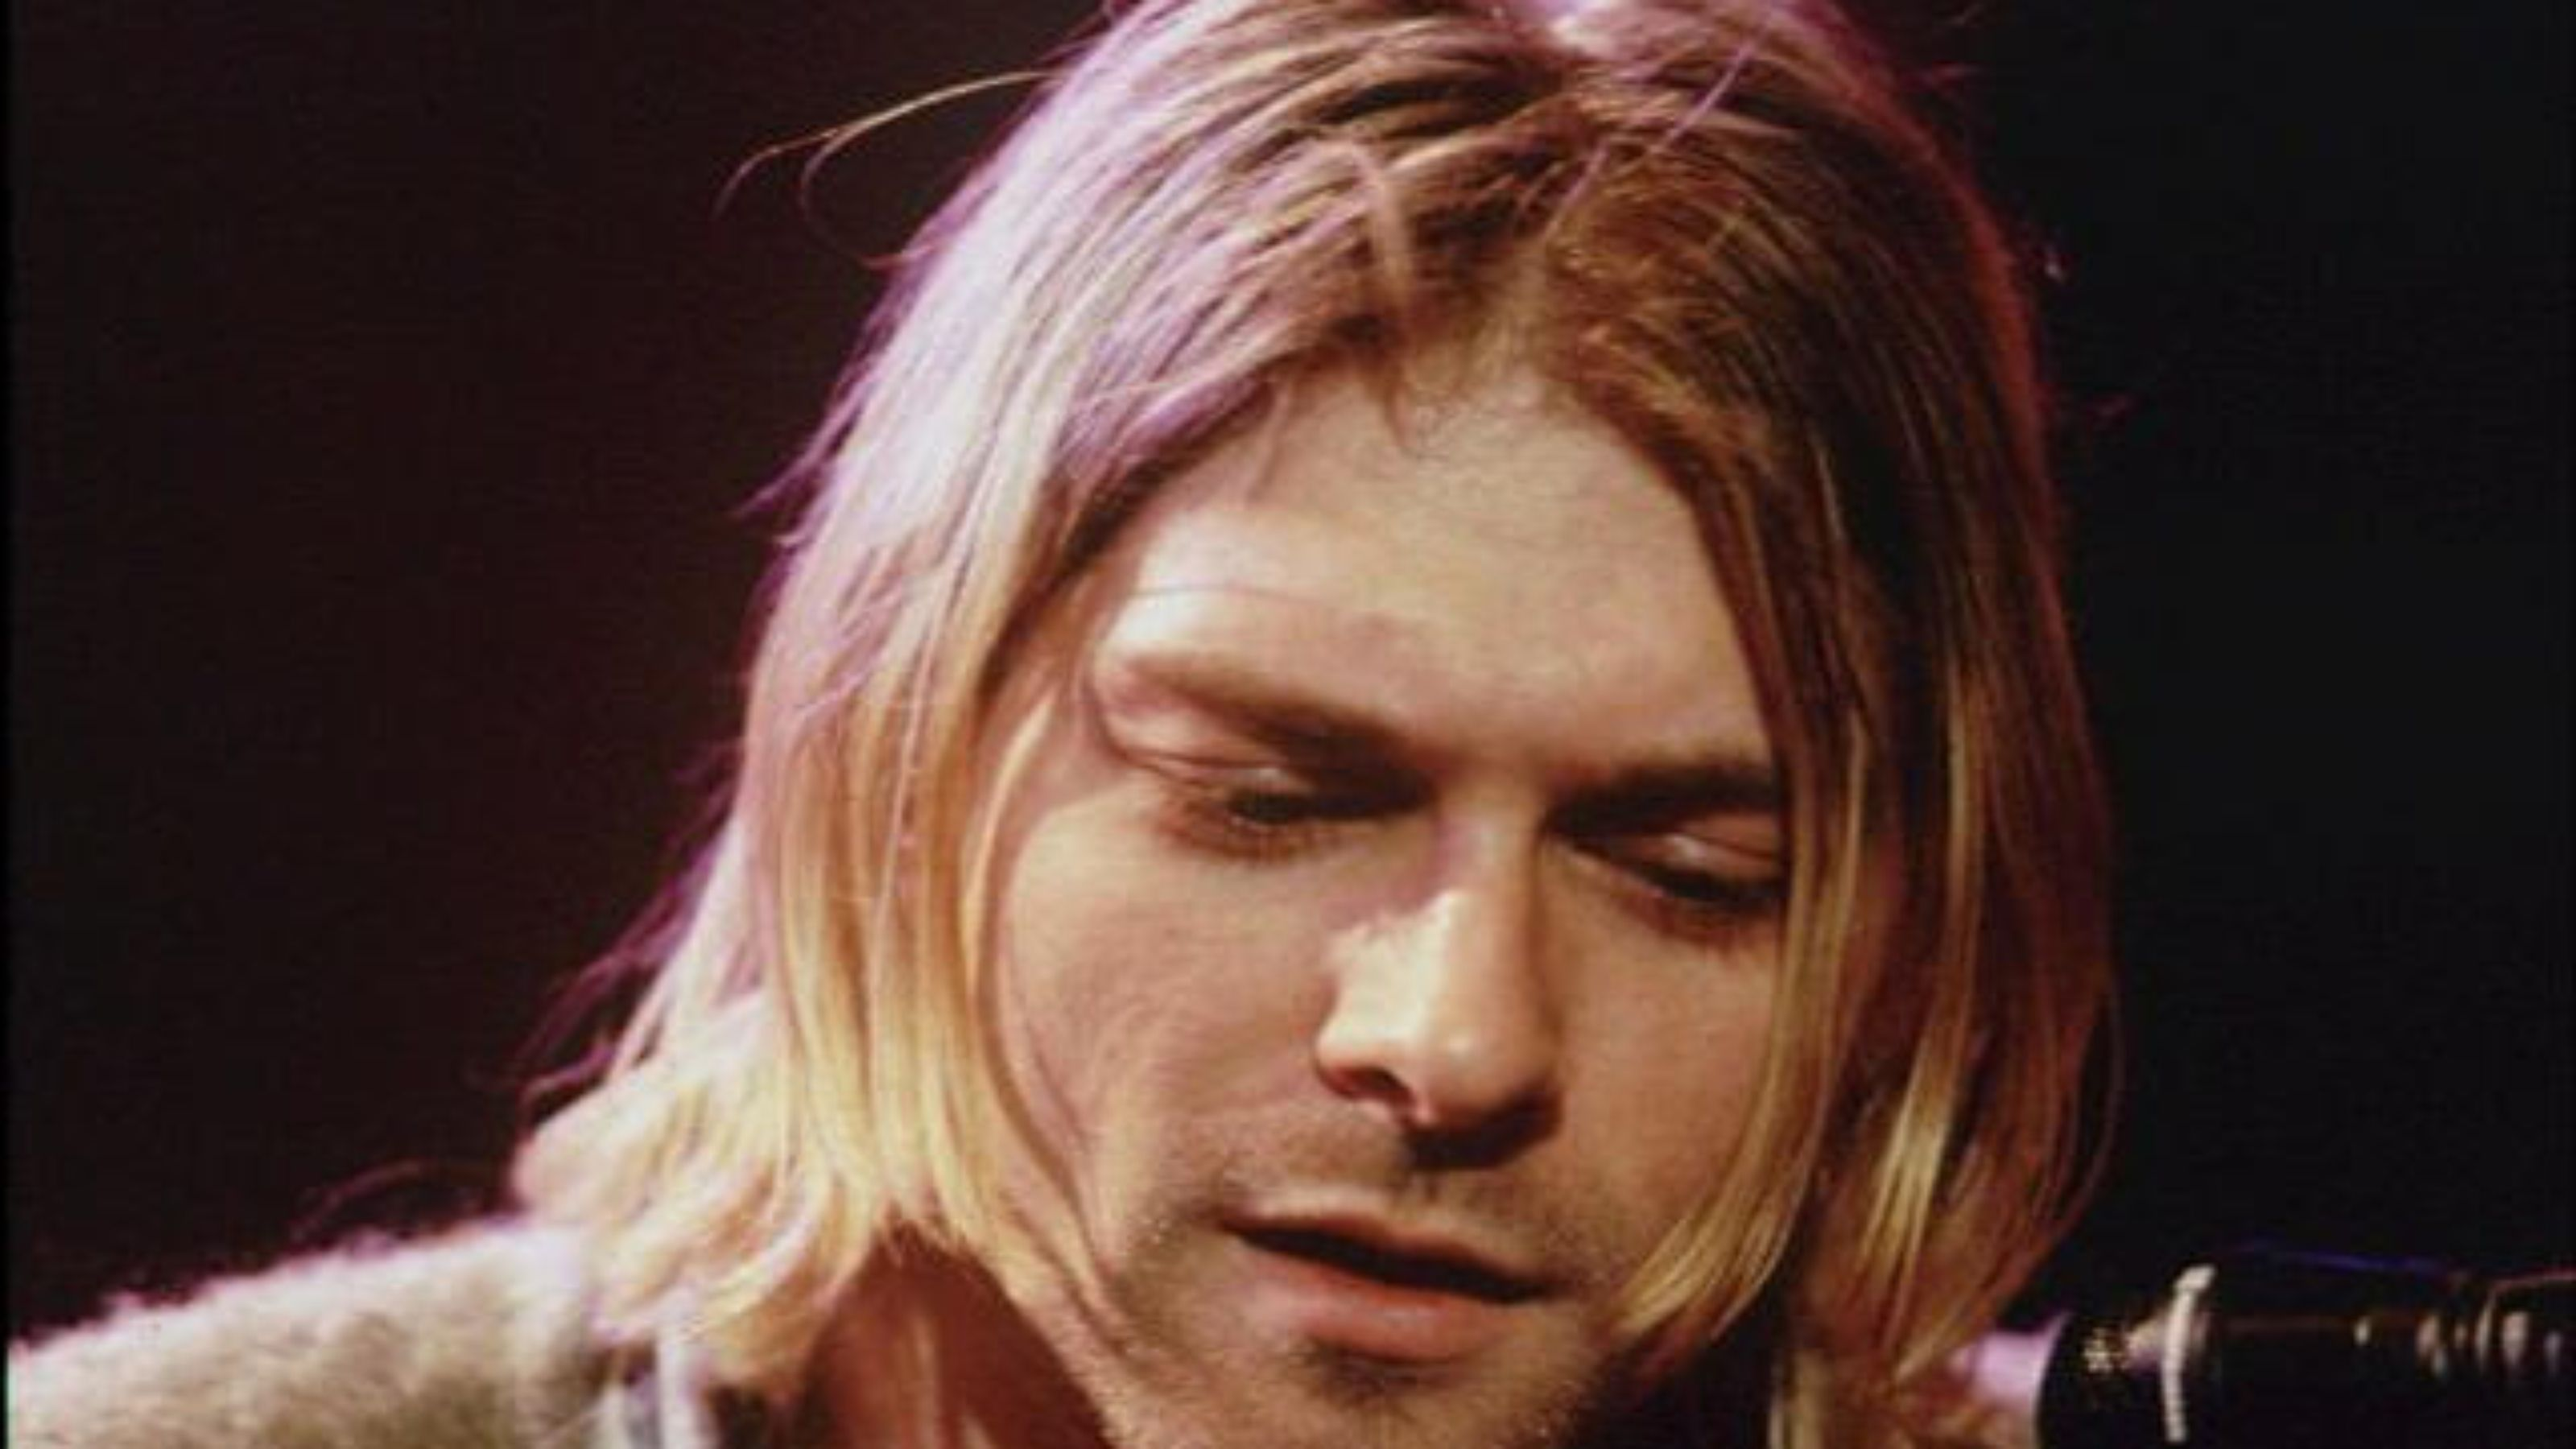 Kurt Cobain Wallpapers